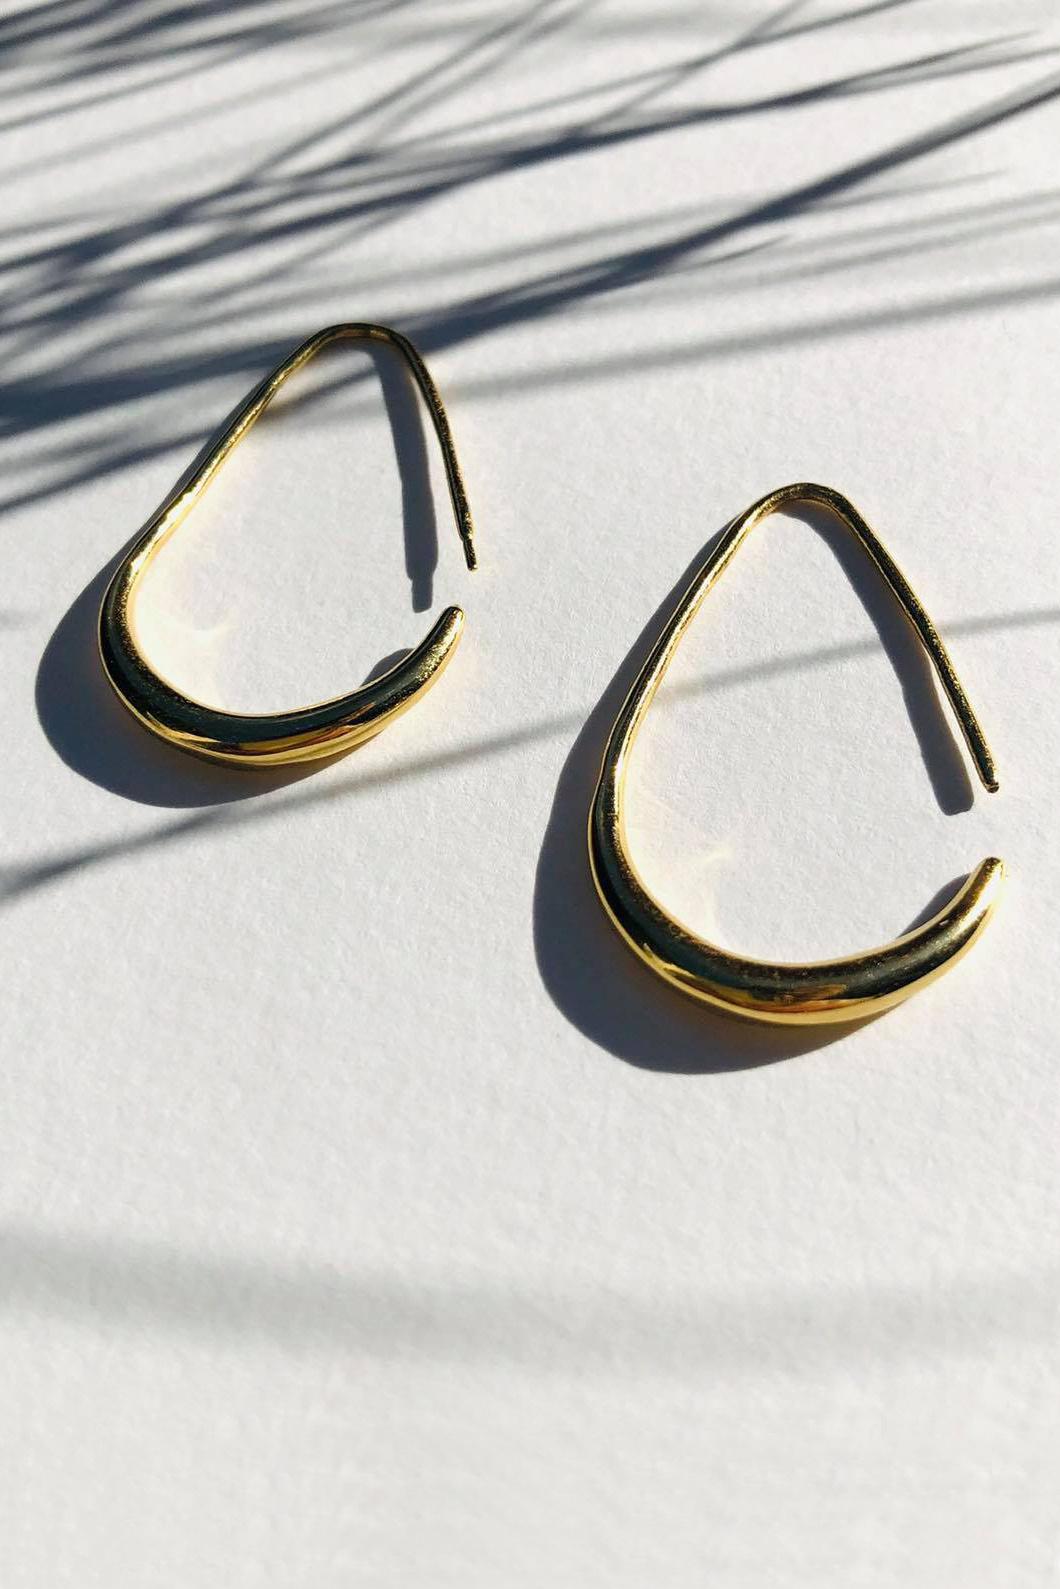 Teardrop Earrings - Gold-6